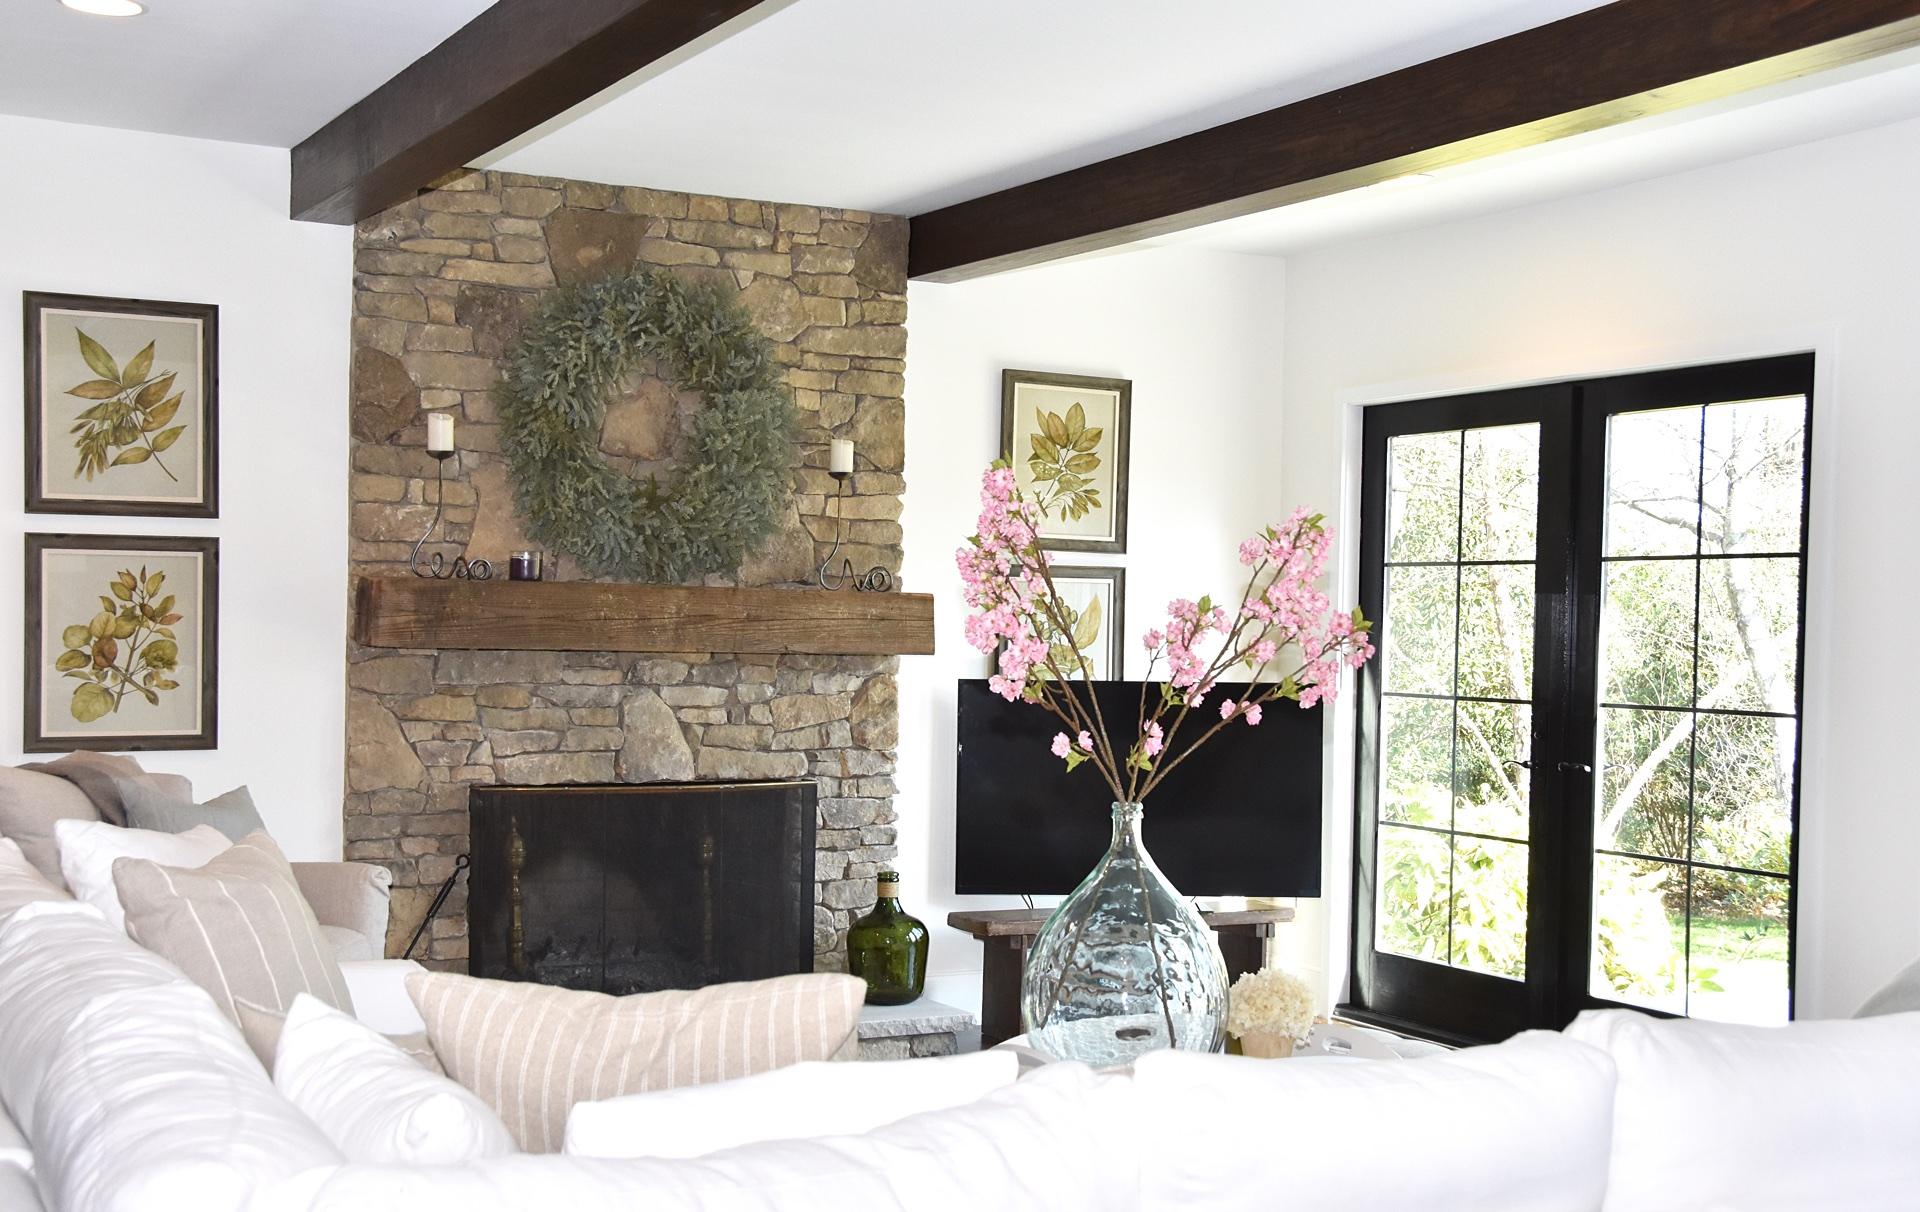 гостиная потолок балки камин телевизор каменная кладка ваза французские двери